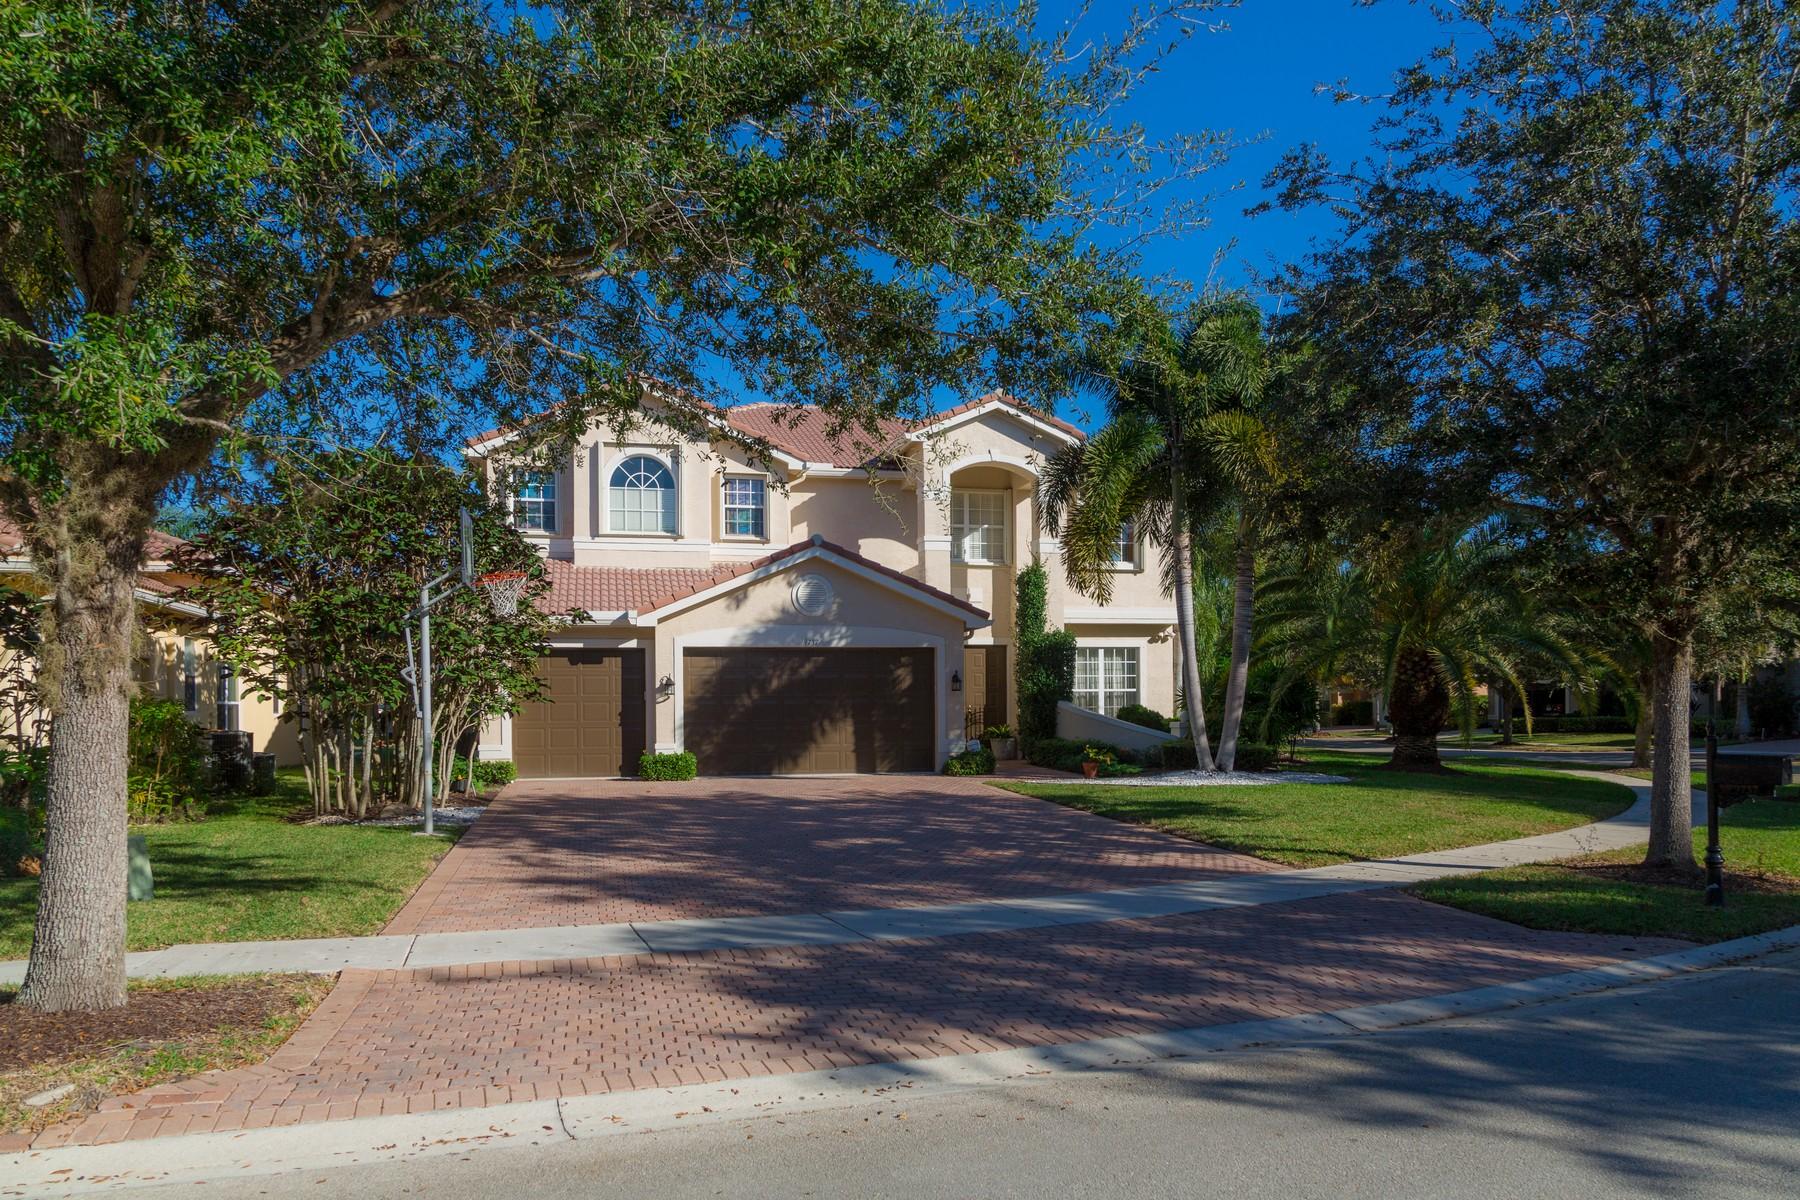 Maison unifamiliale pour l Vente à 9737 Napoli Woods Ln , Delray Beach, FL 33446 9737 Napoli Woods Ln Delray Beach, Florida, 33446 États-Unis